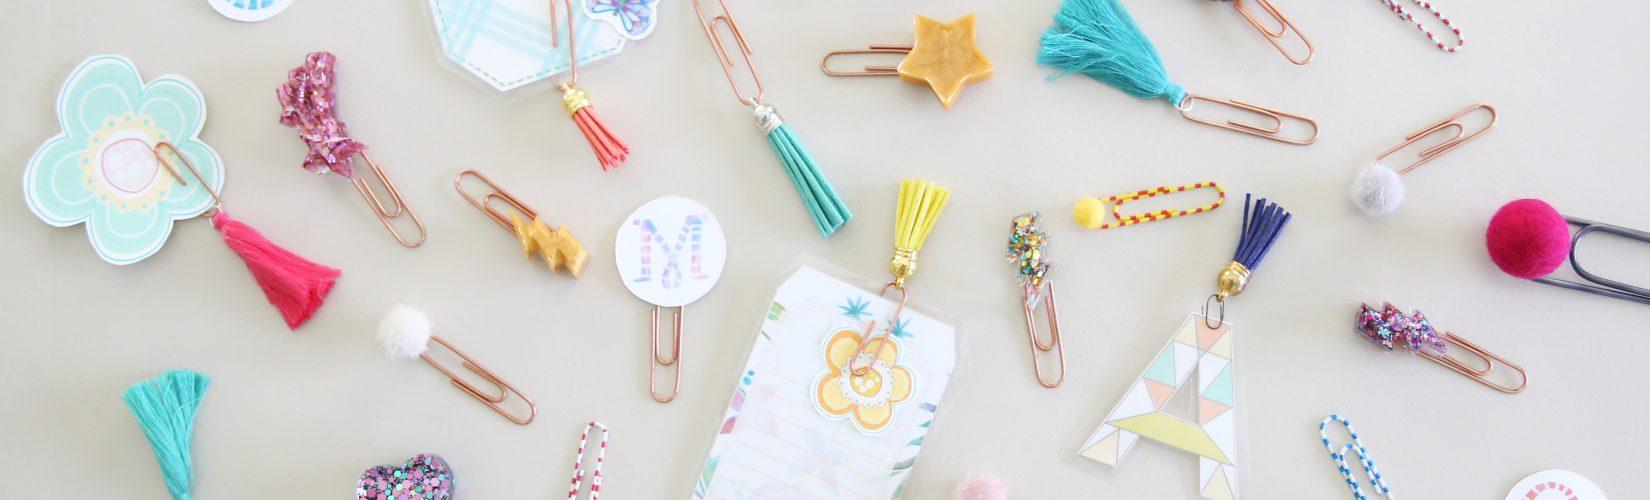 easy diy paper clips